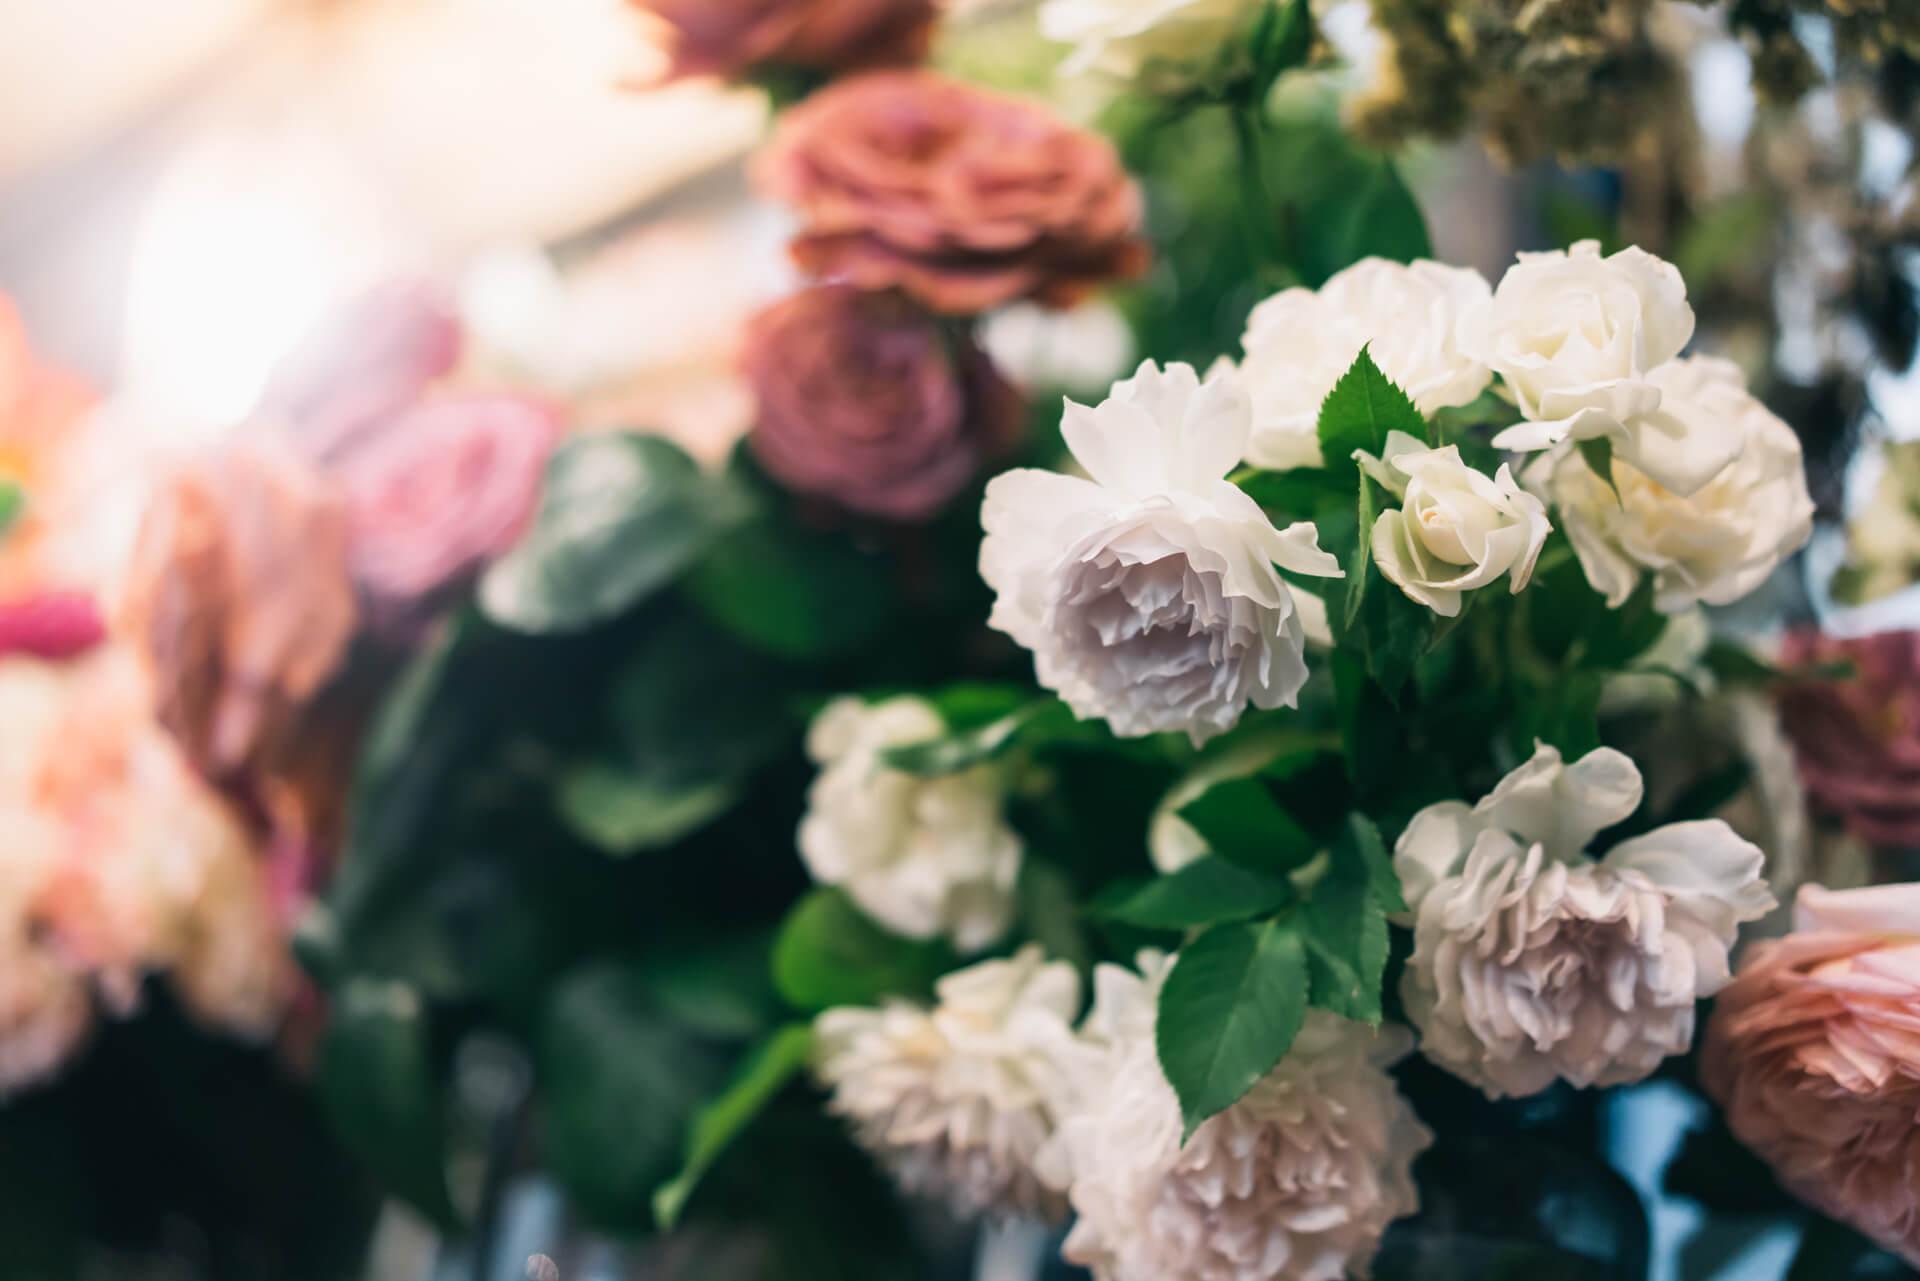 こちらのバラは、ガブリエルという種類。蕾から咲き誇るに連れて少しずつ変化する、とても繊細な紫色が美しい。